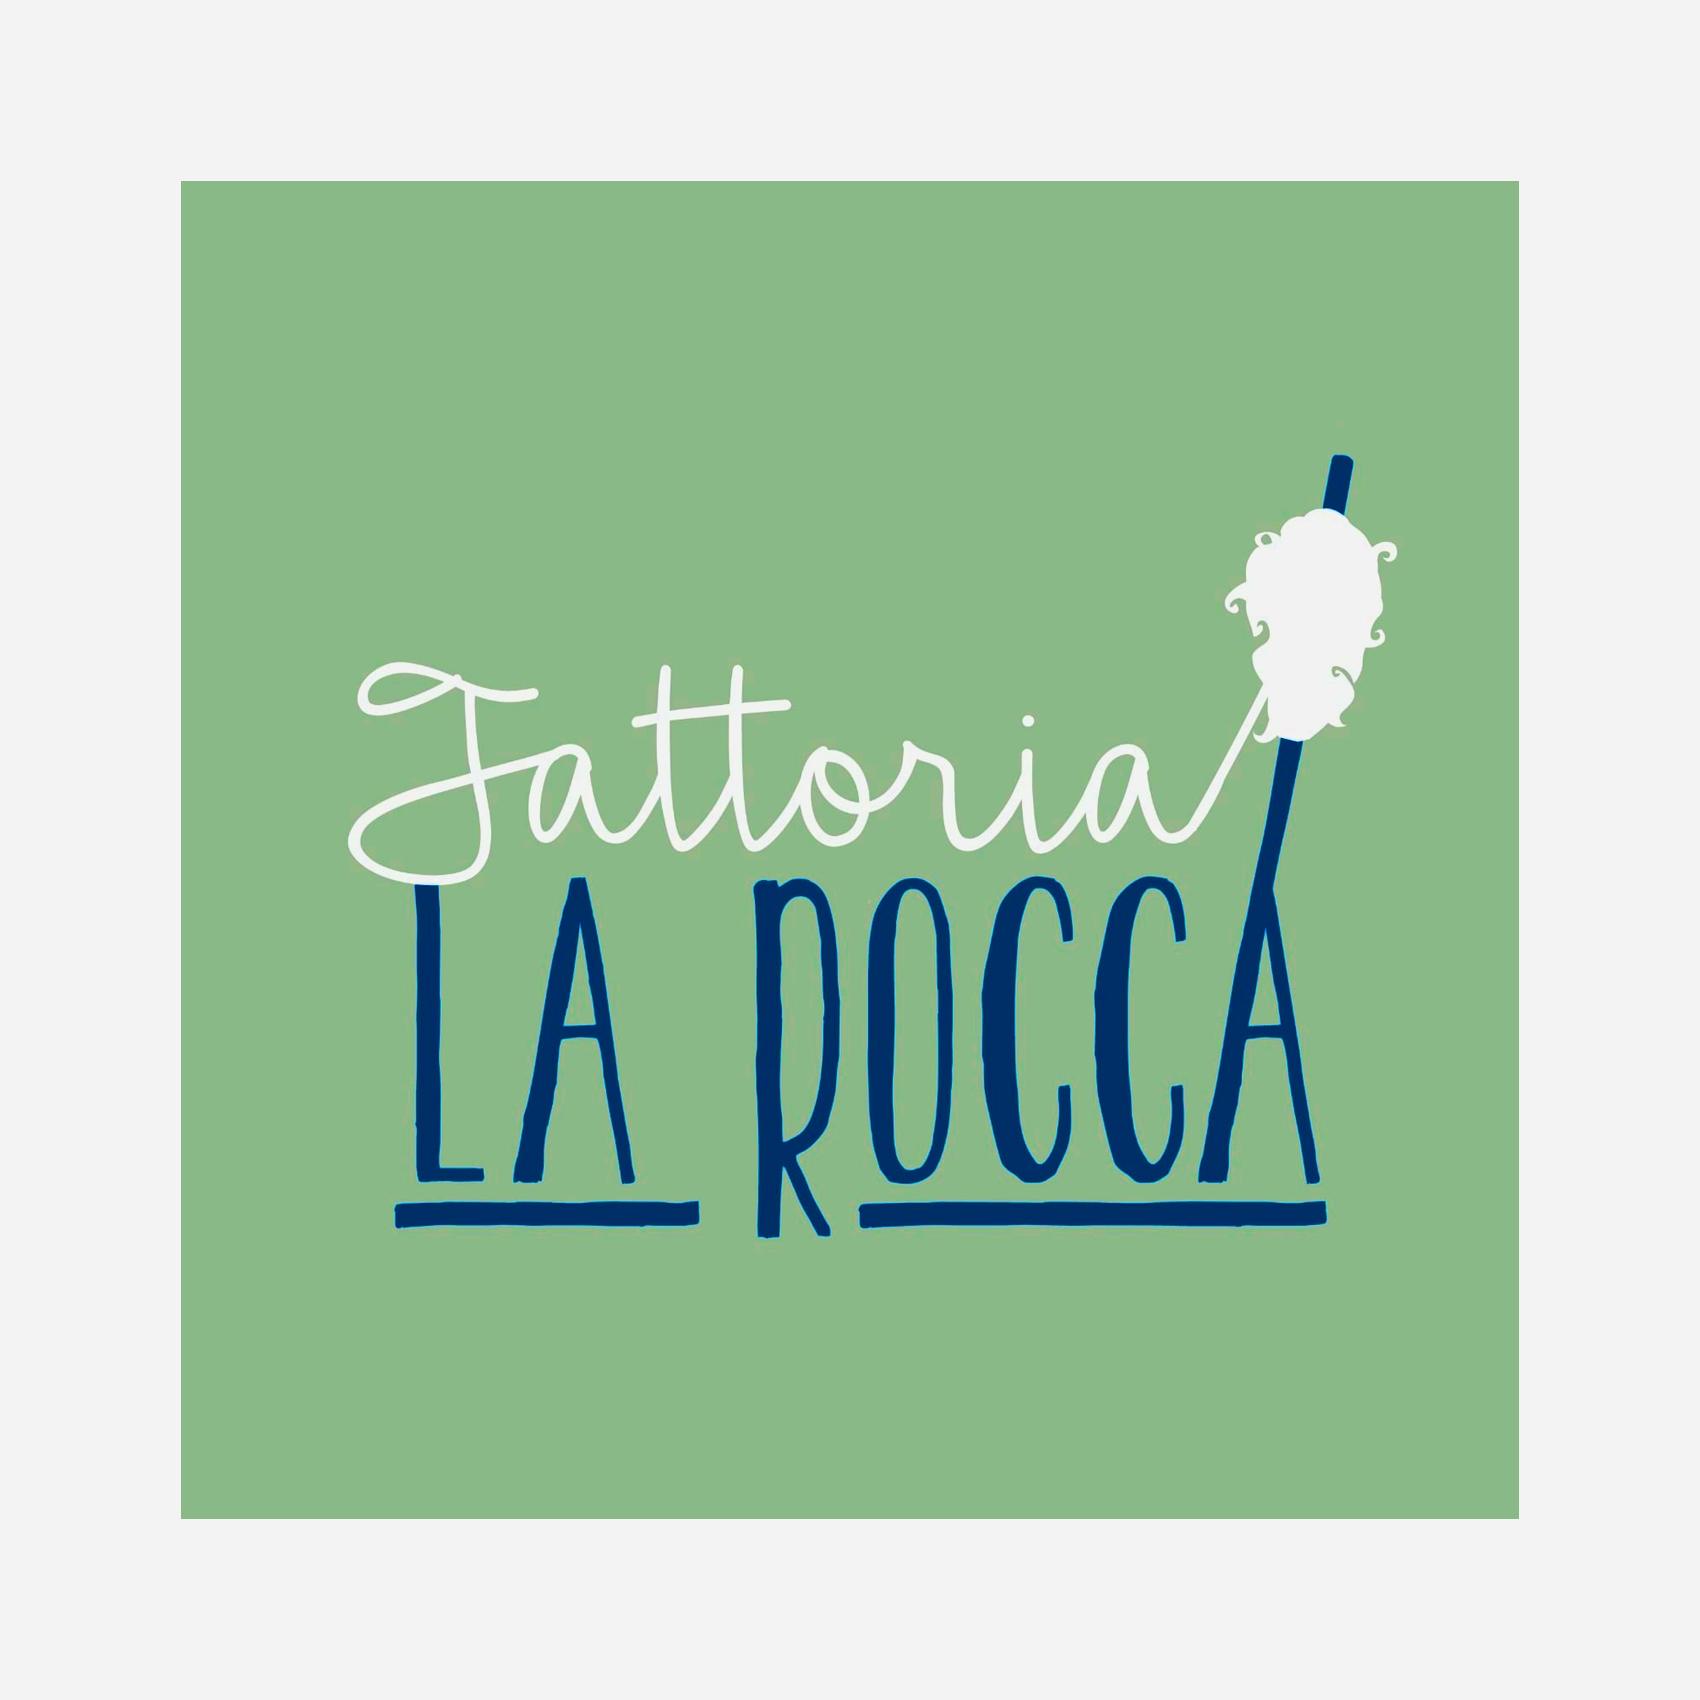 Fattoria La Rocca